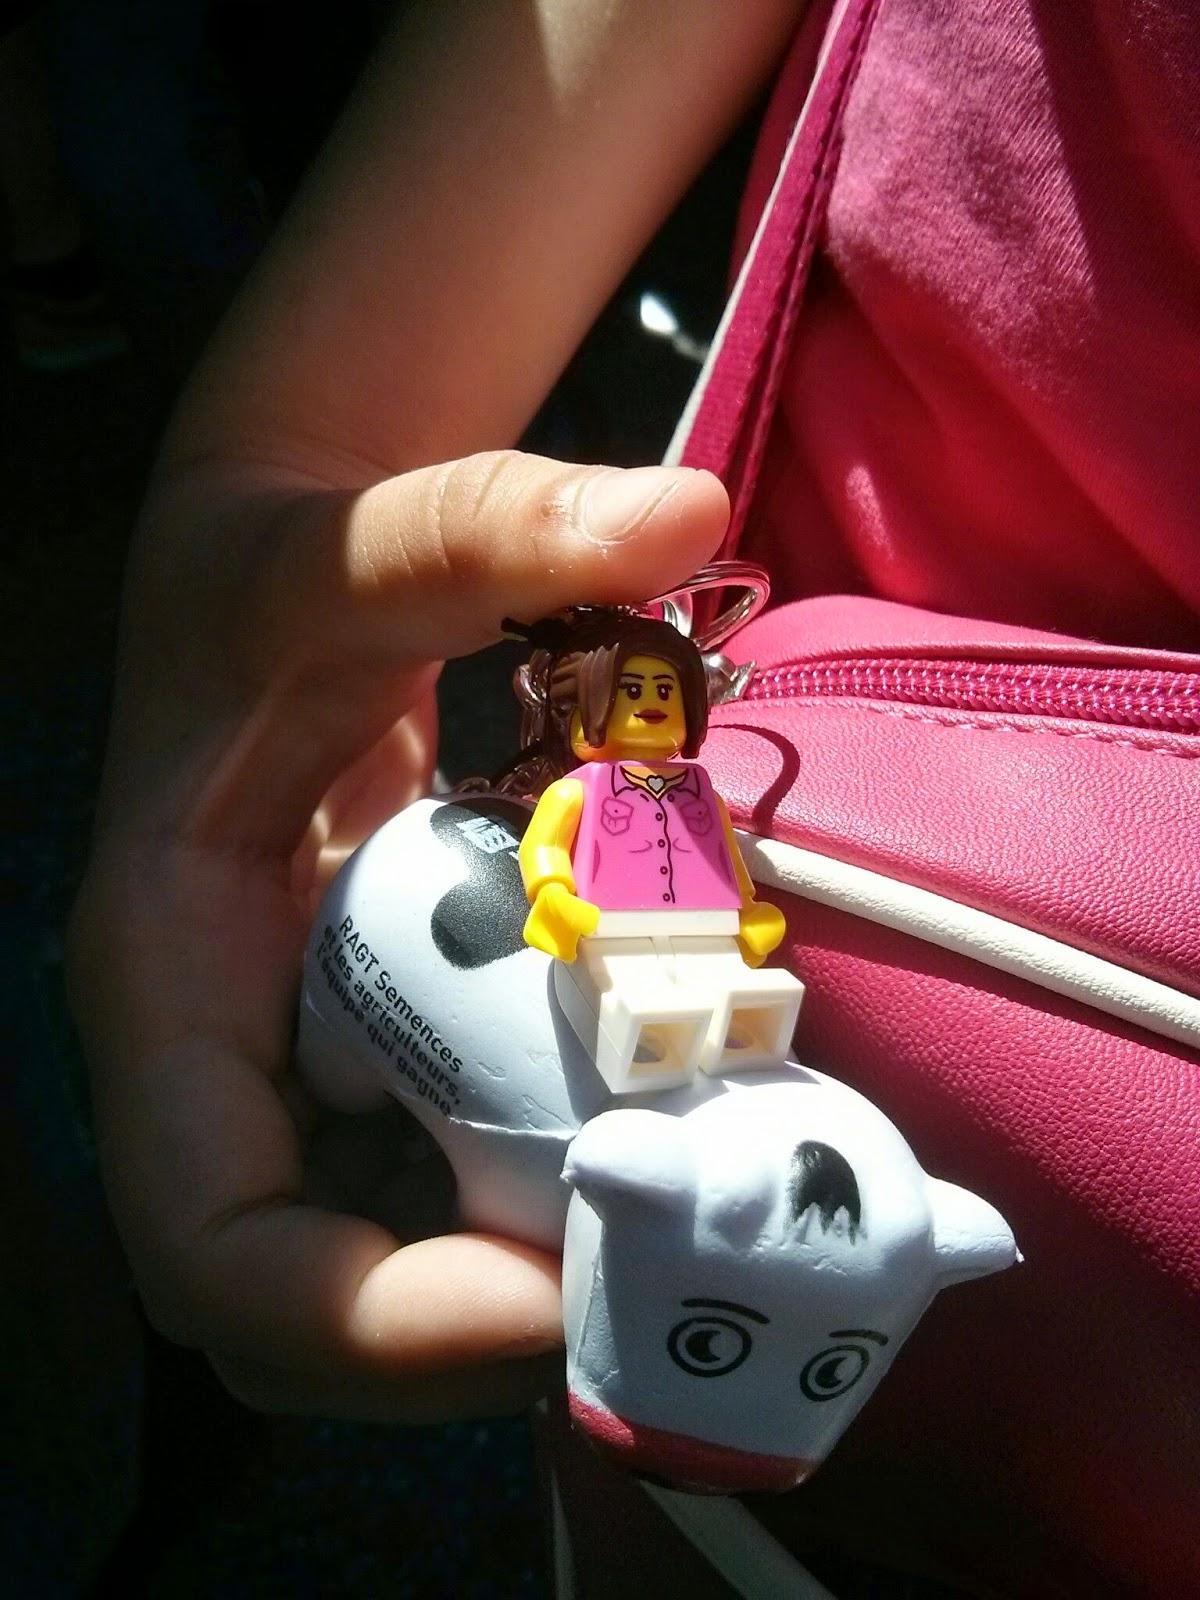 Lego Keyring